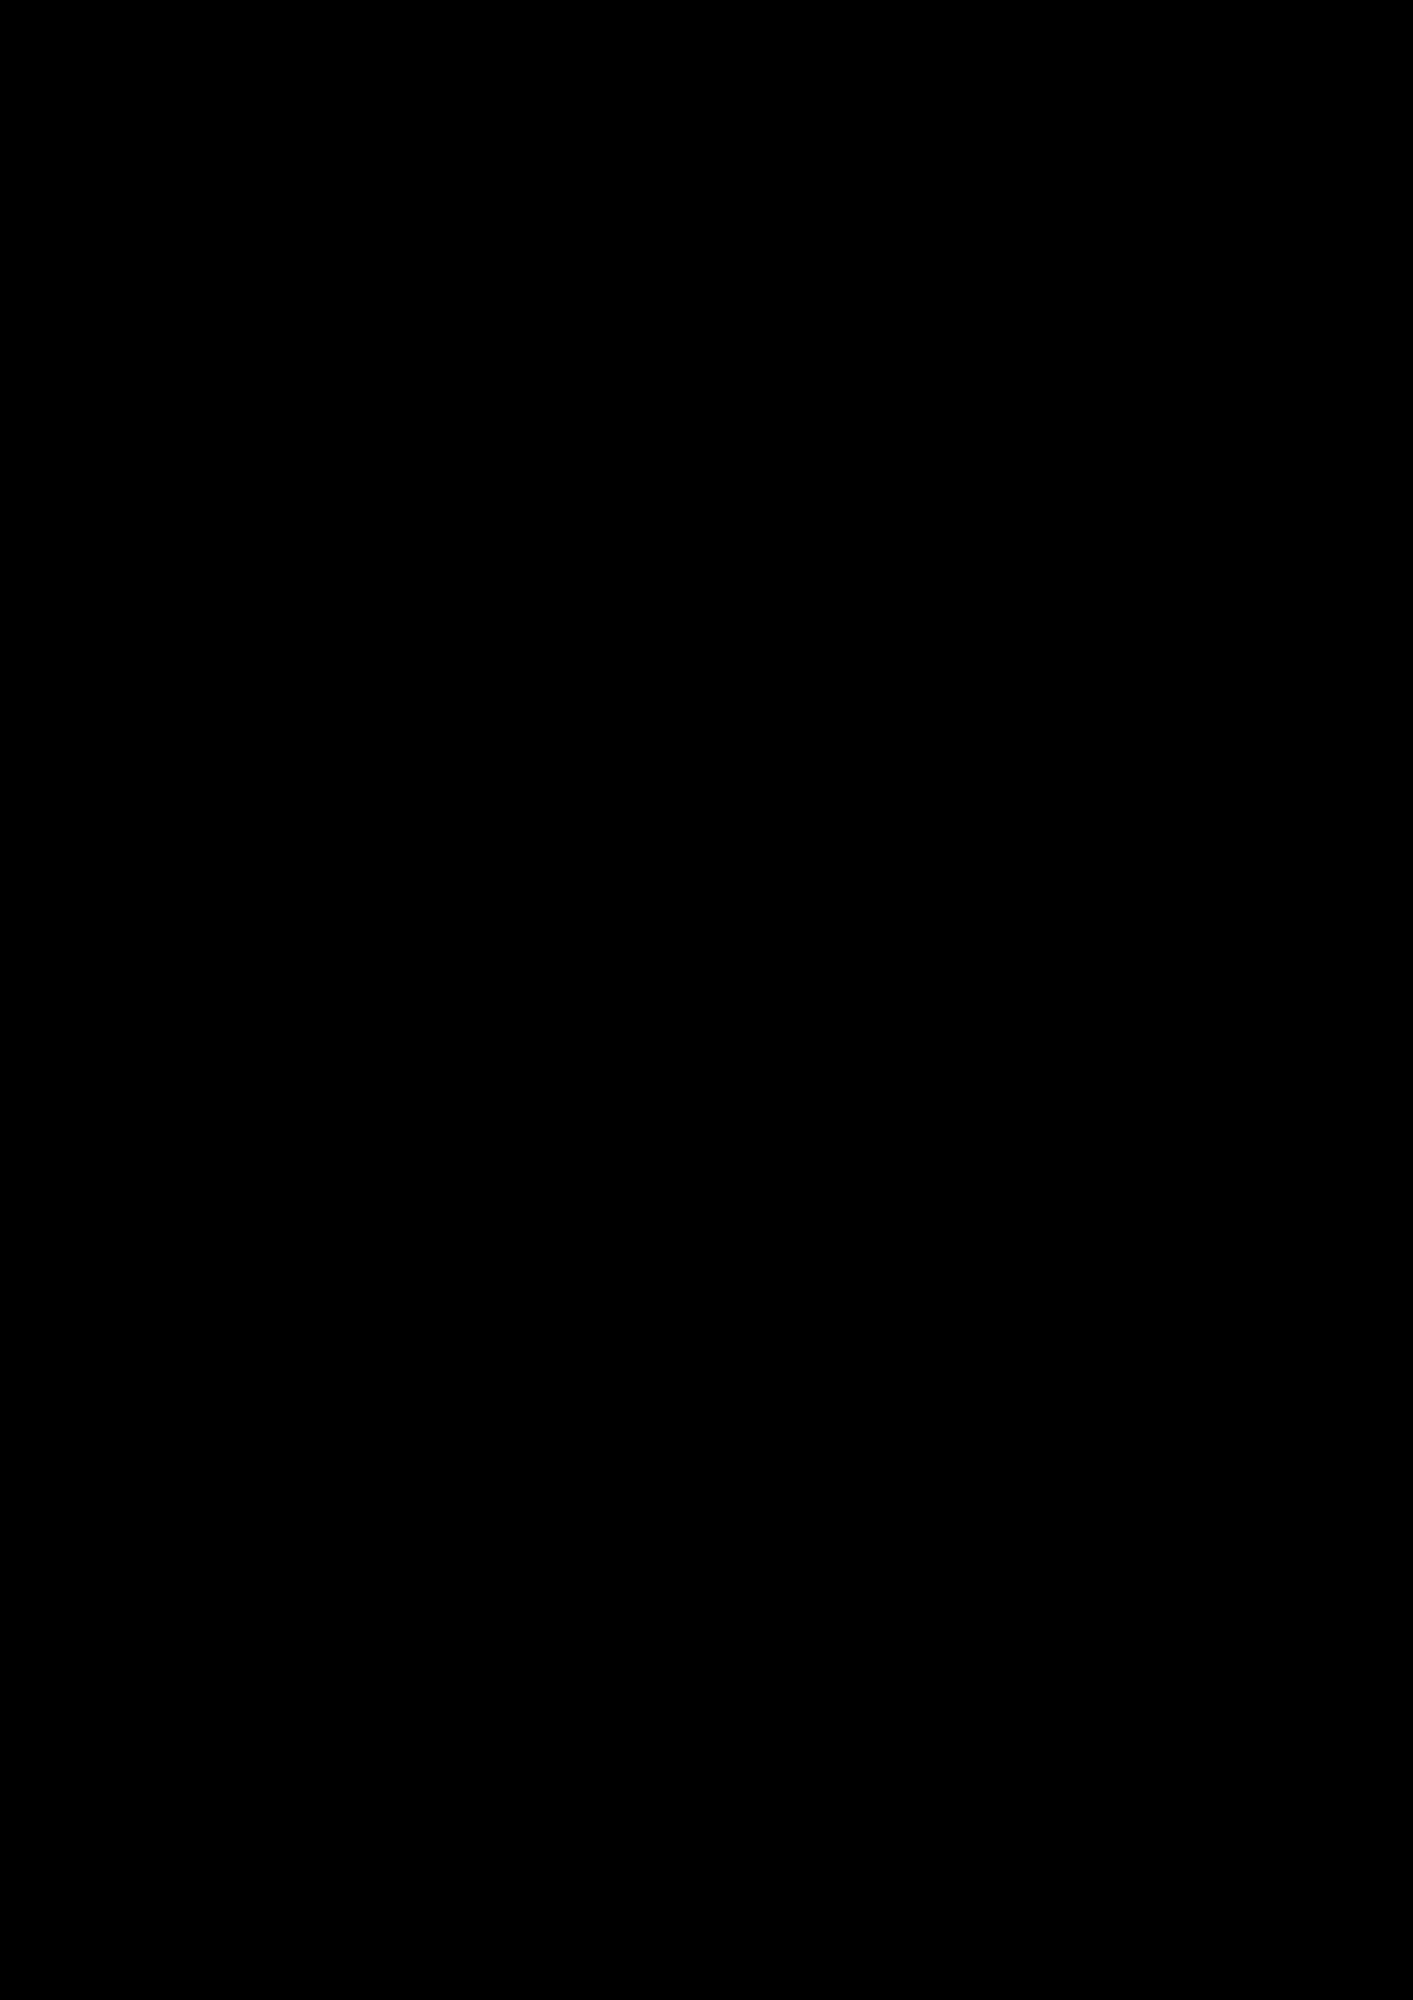 Titel: Primat der Politik durch das Militär? Die Entwicklung der Machtstellung der Militärs am Ende des Kaiserreichs und zu Beginn der Revolution von 1918/19